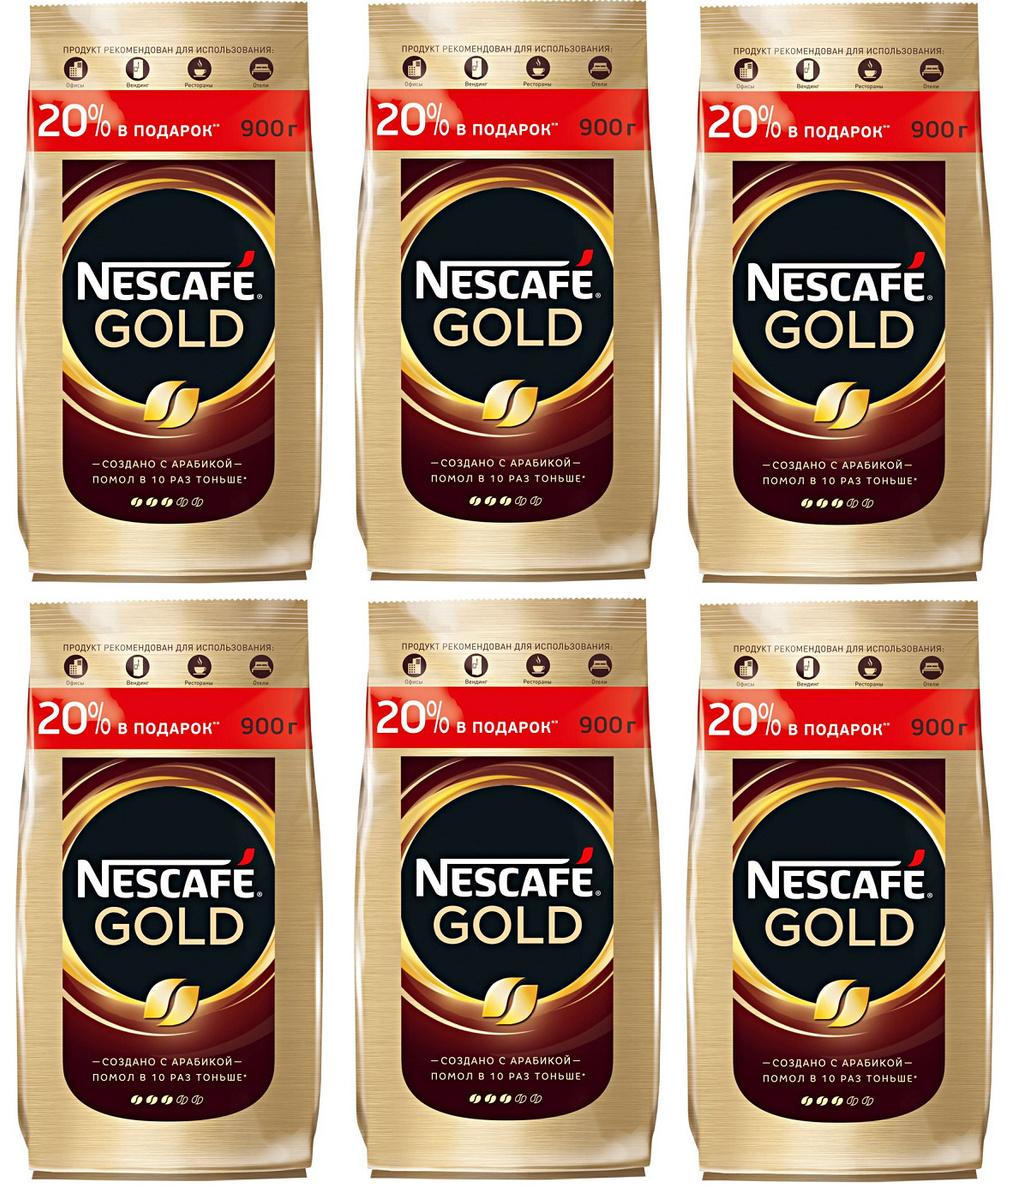 Кофе растворимый Nescafe Gold 900 гр (Набор из 6 шт) #1